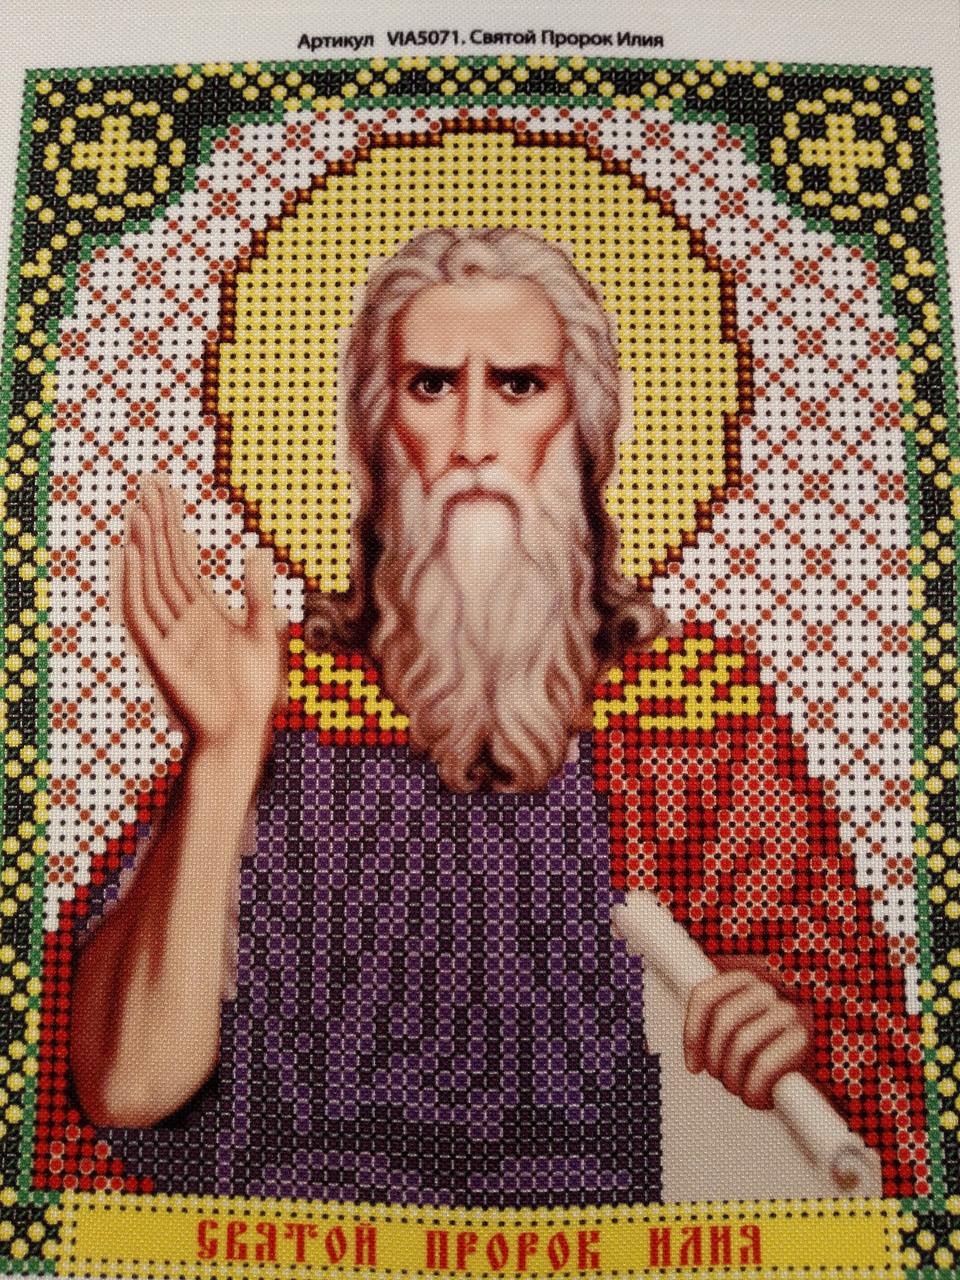 Набор для вышивки бисером икона Святой Пророк Илия VIA 5071